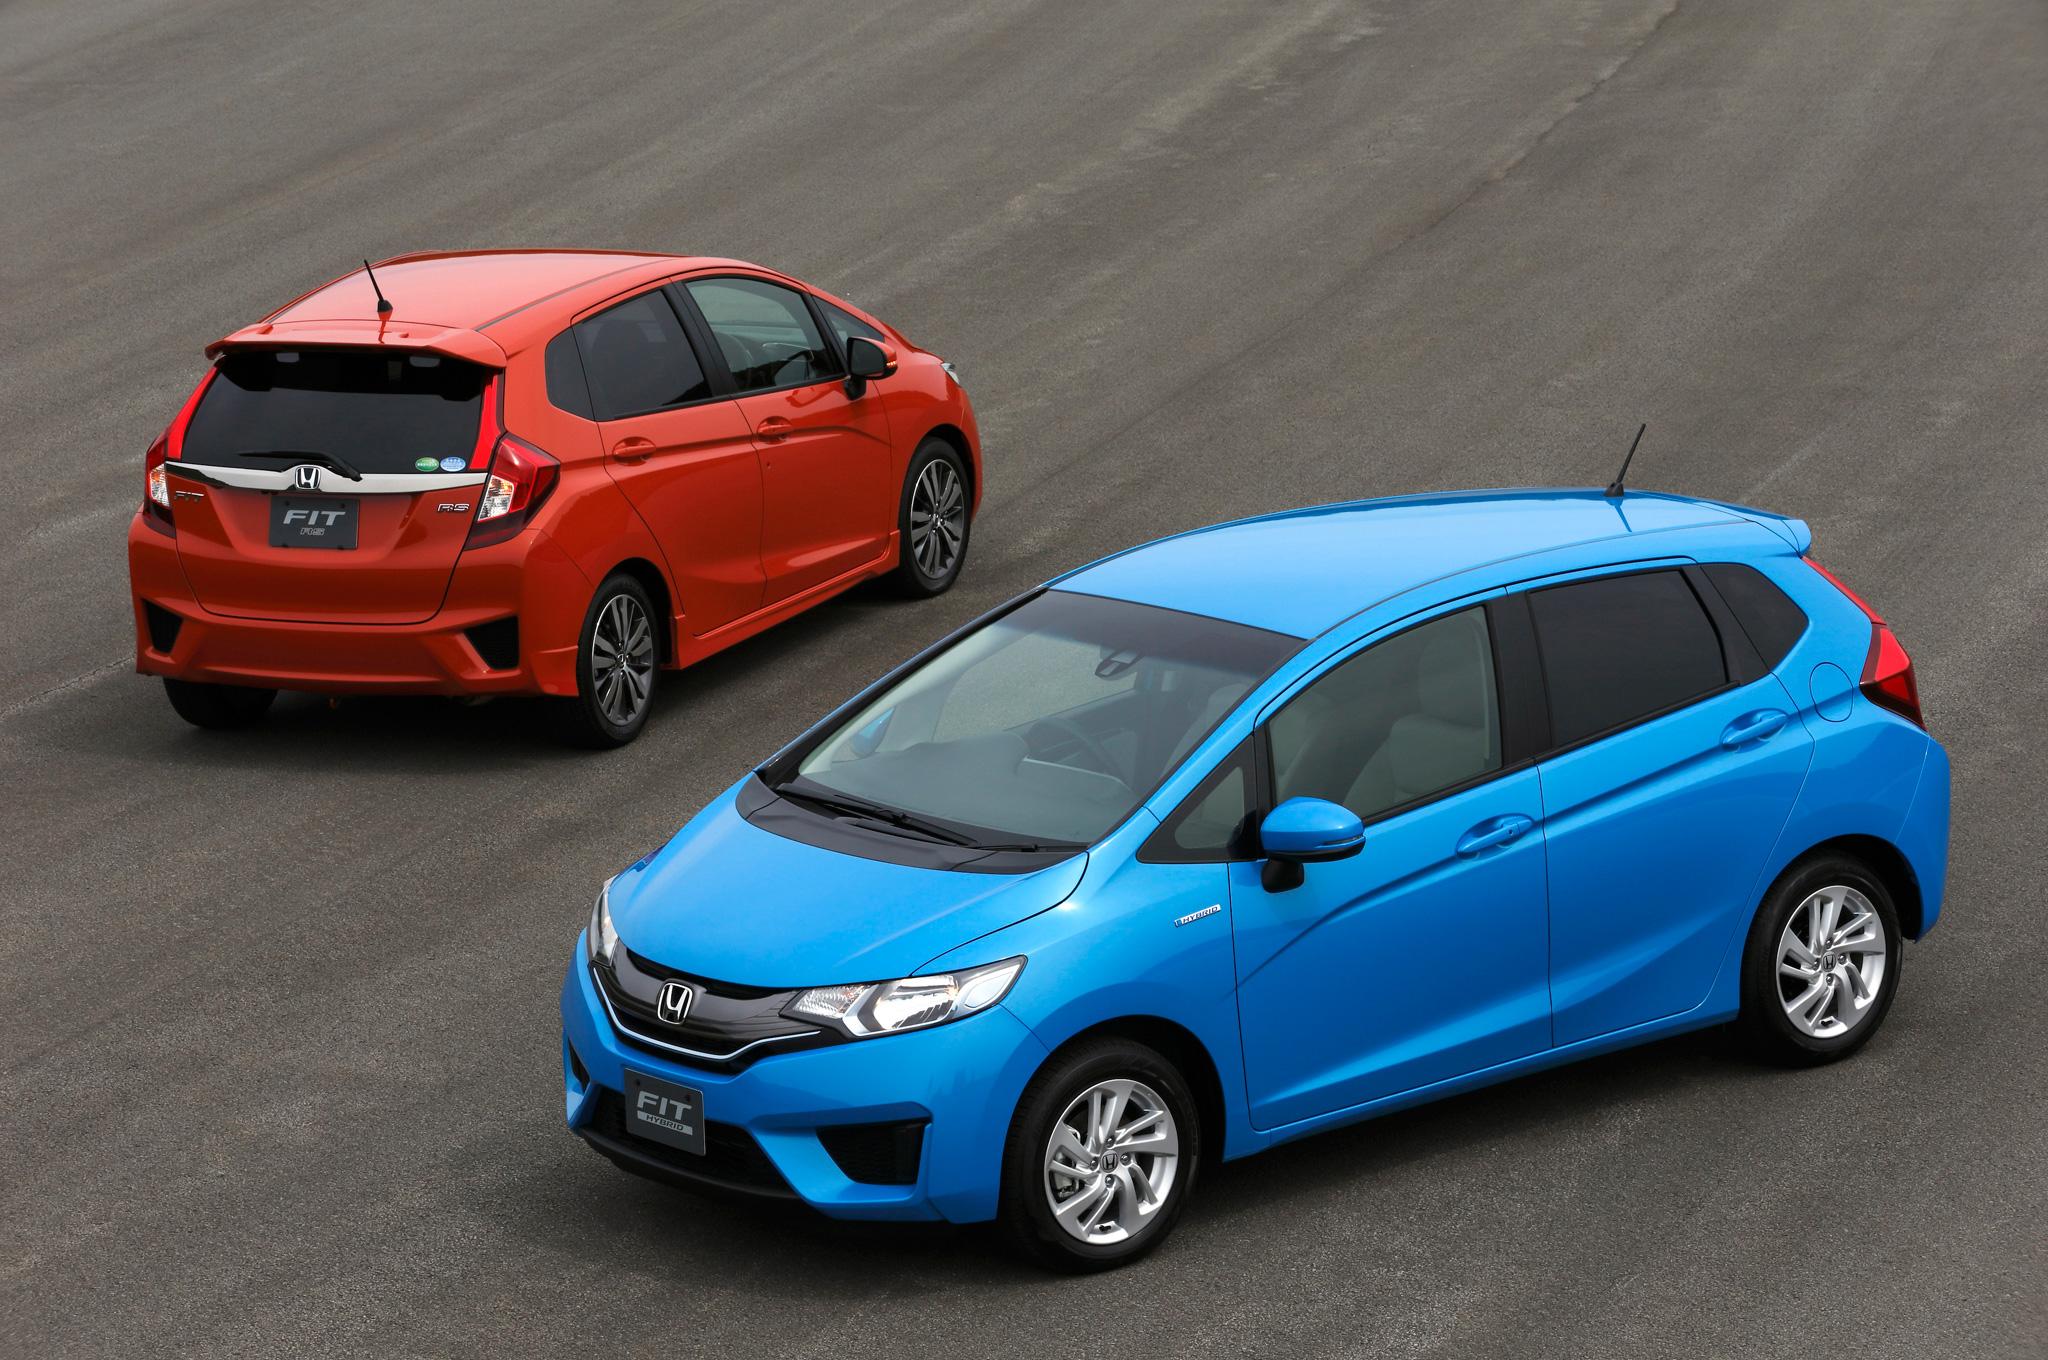 New 2015 Honda Fit Exterior